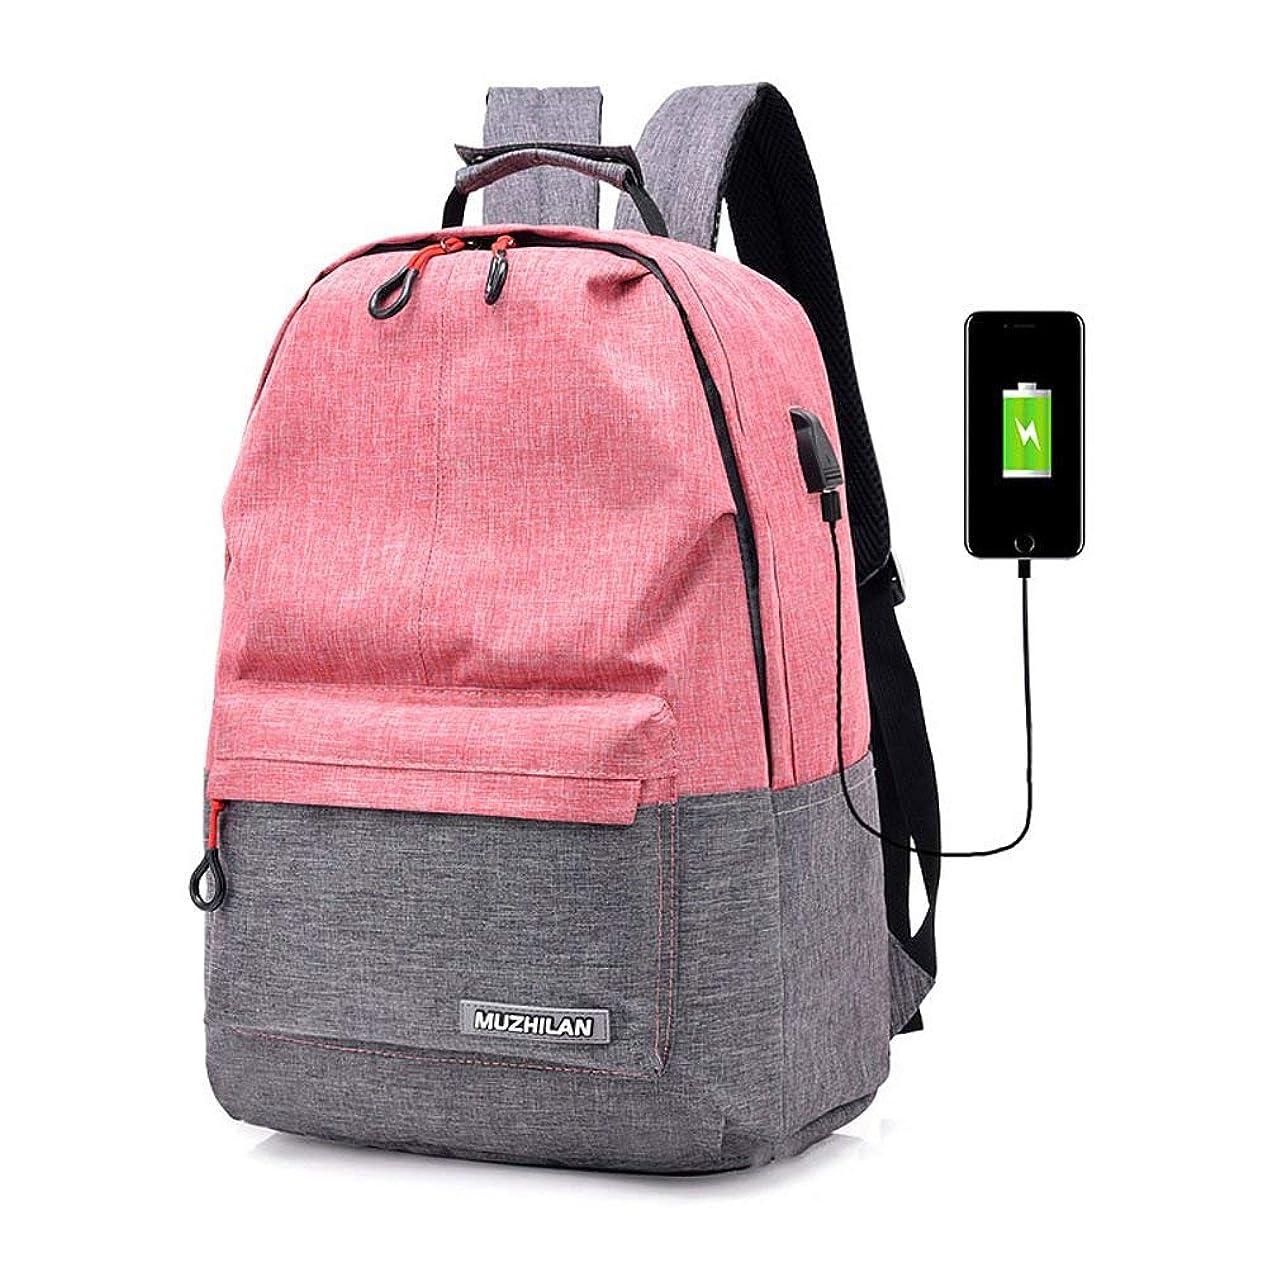 オーディションアライメント現象ユニセックスクール男の子女の子男性女性屋外バックパック旅行バックパックデイパックショルダースクールバッグラップトップバッグ付きusb充電ポート